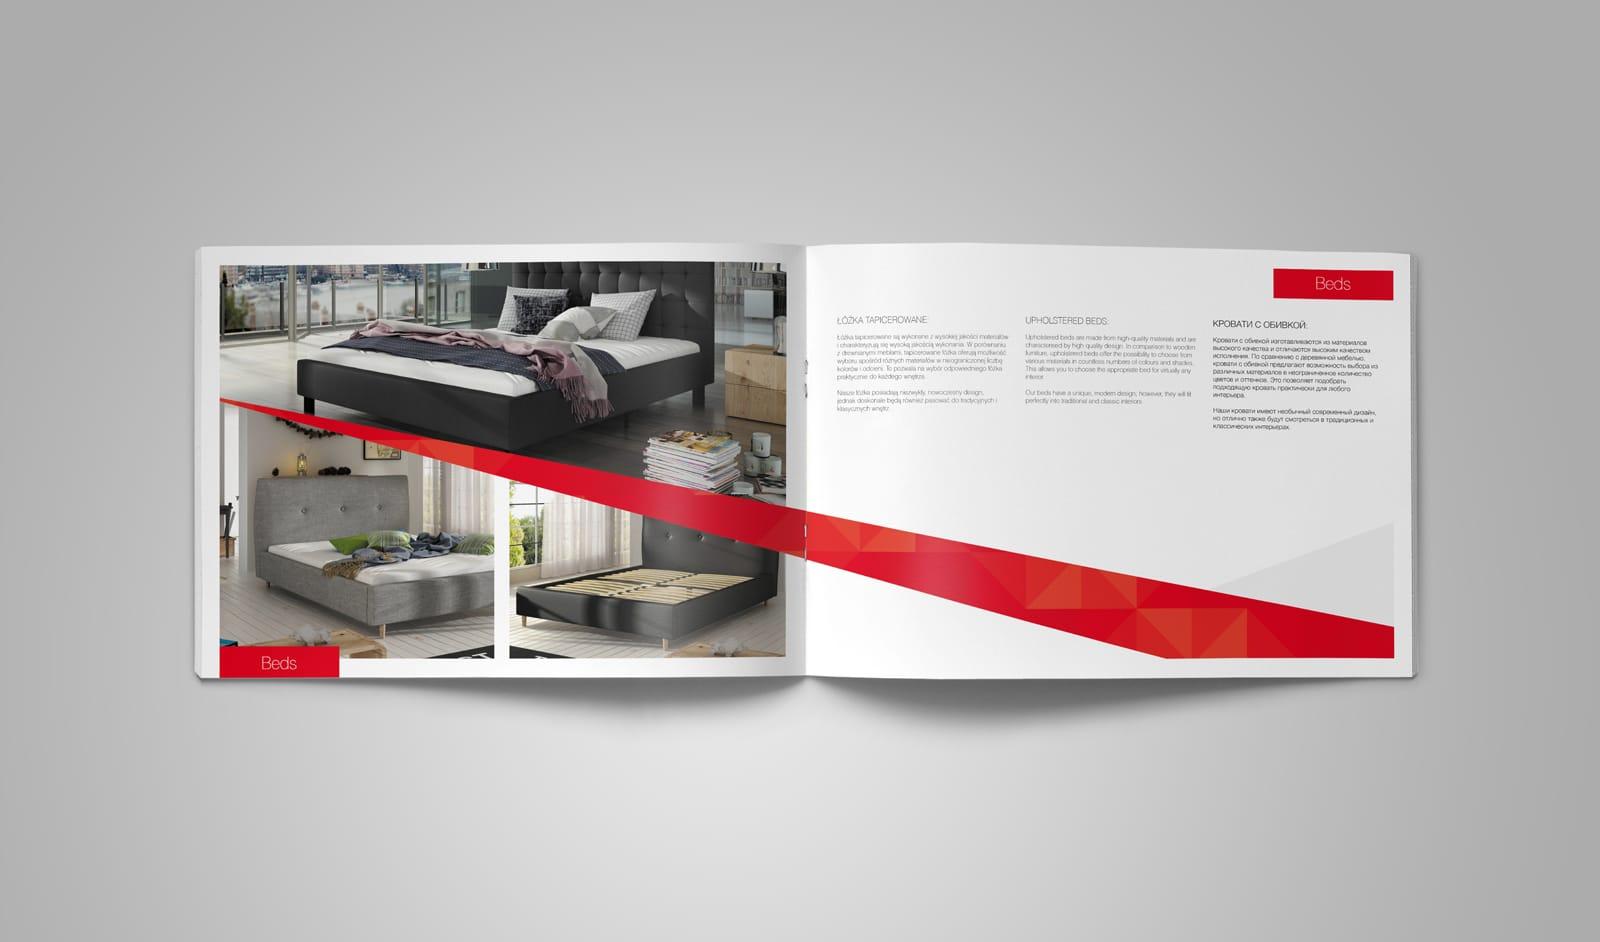 Projektowanie Identyfikacji Wizualnej Katalogi Reklamowe